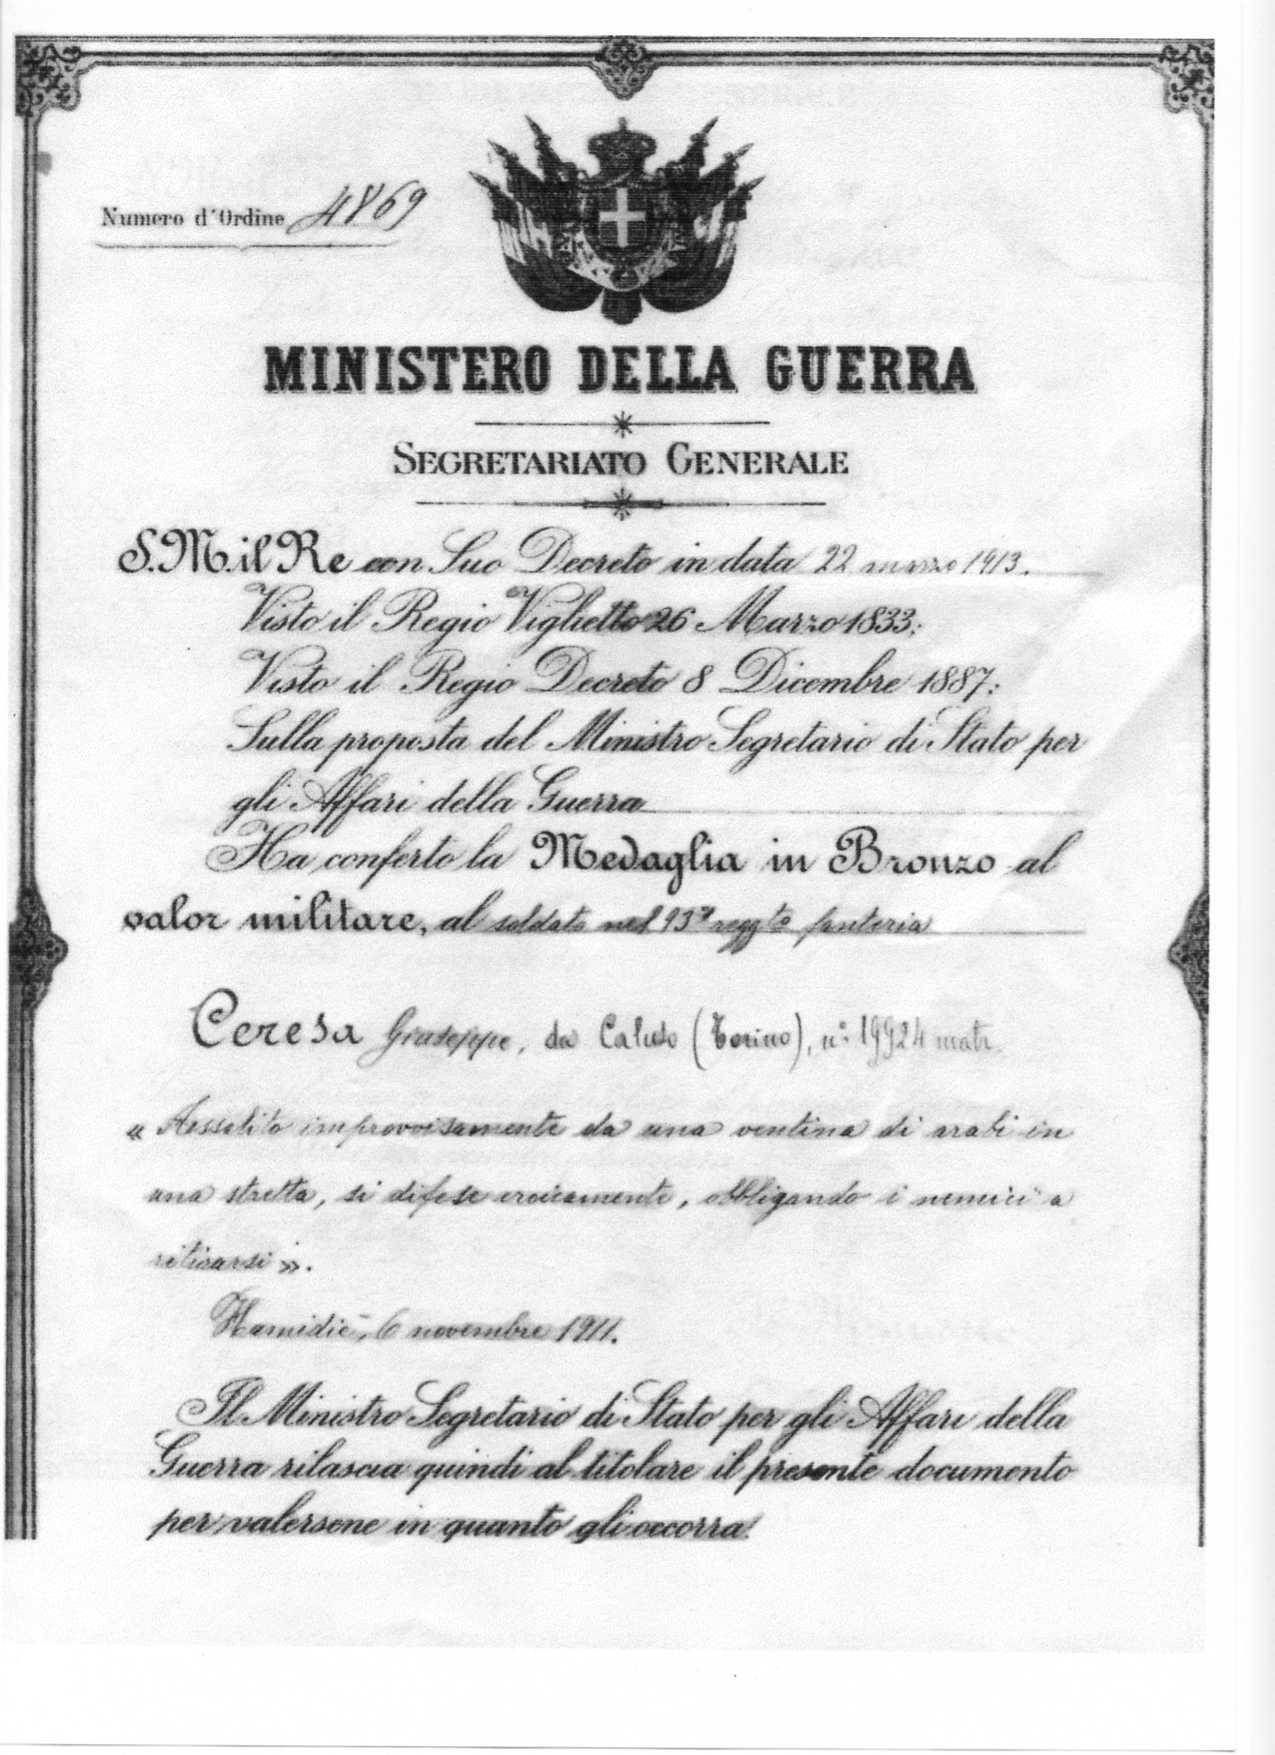 Storia | Parella